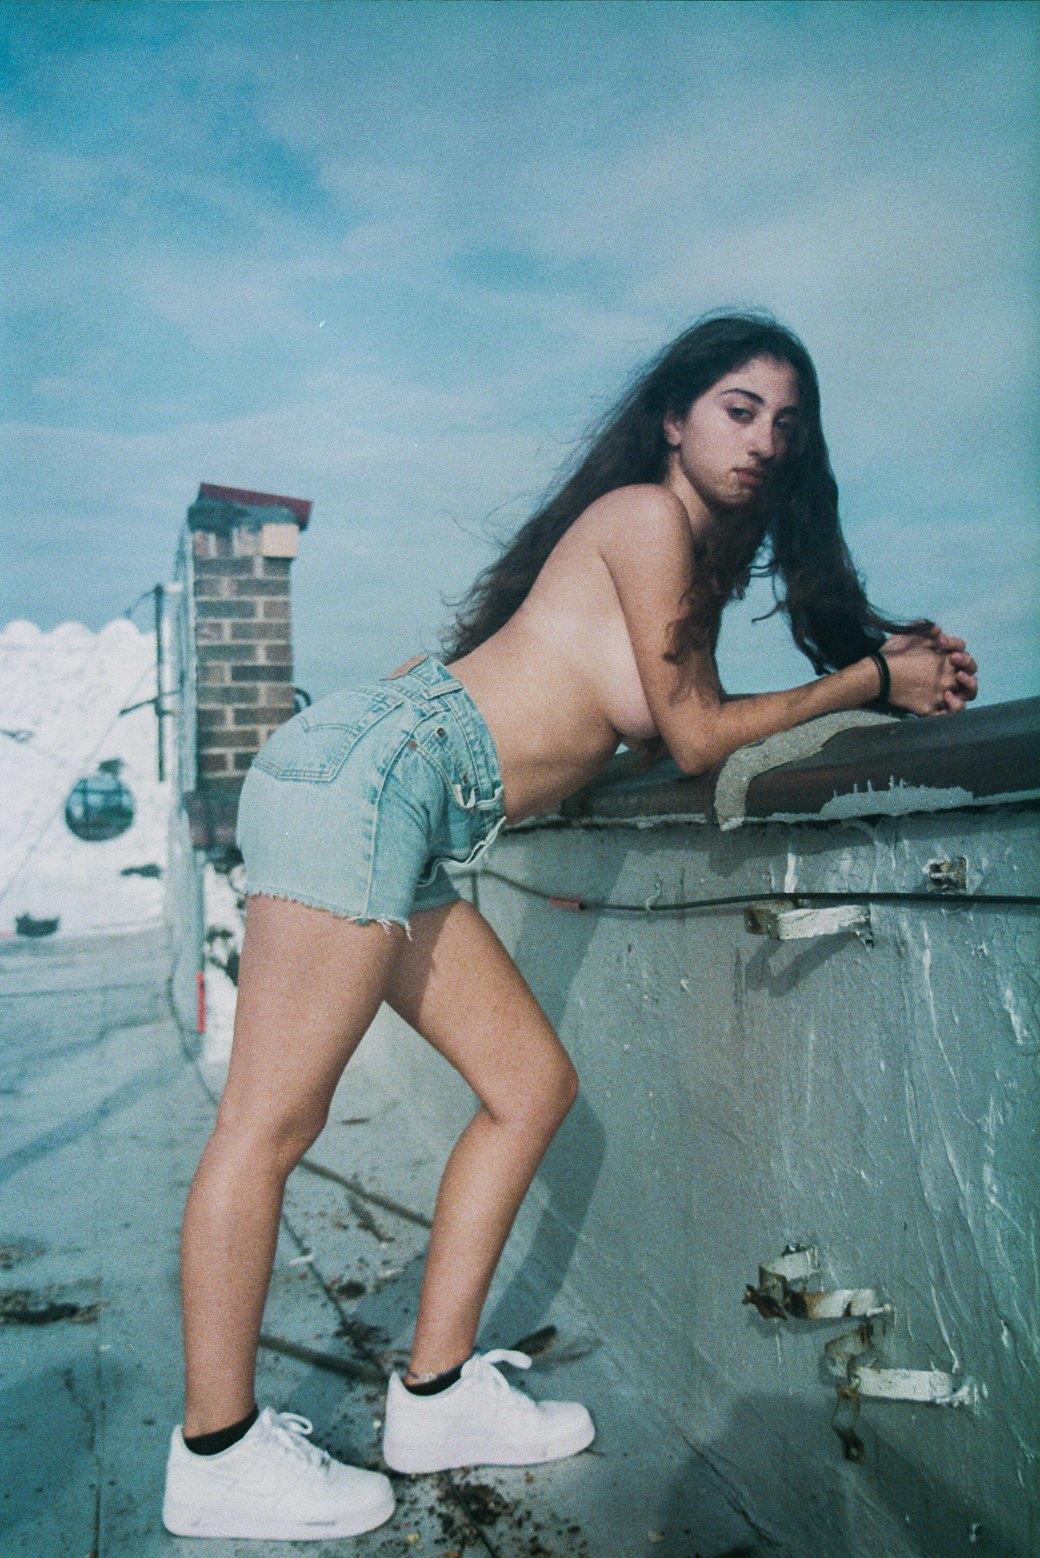 Фотопроект: Софи Дэй возвращает женщинам право на сексуальность. Изображение № 1.